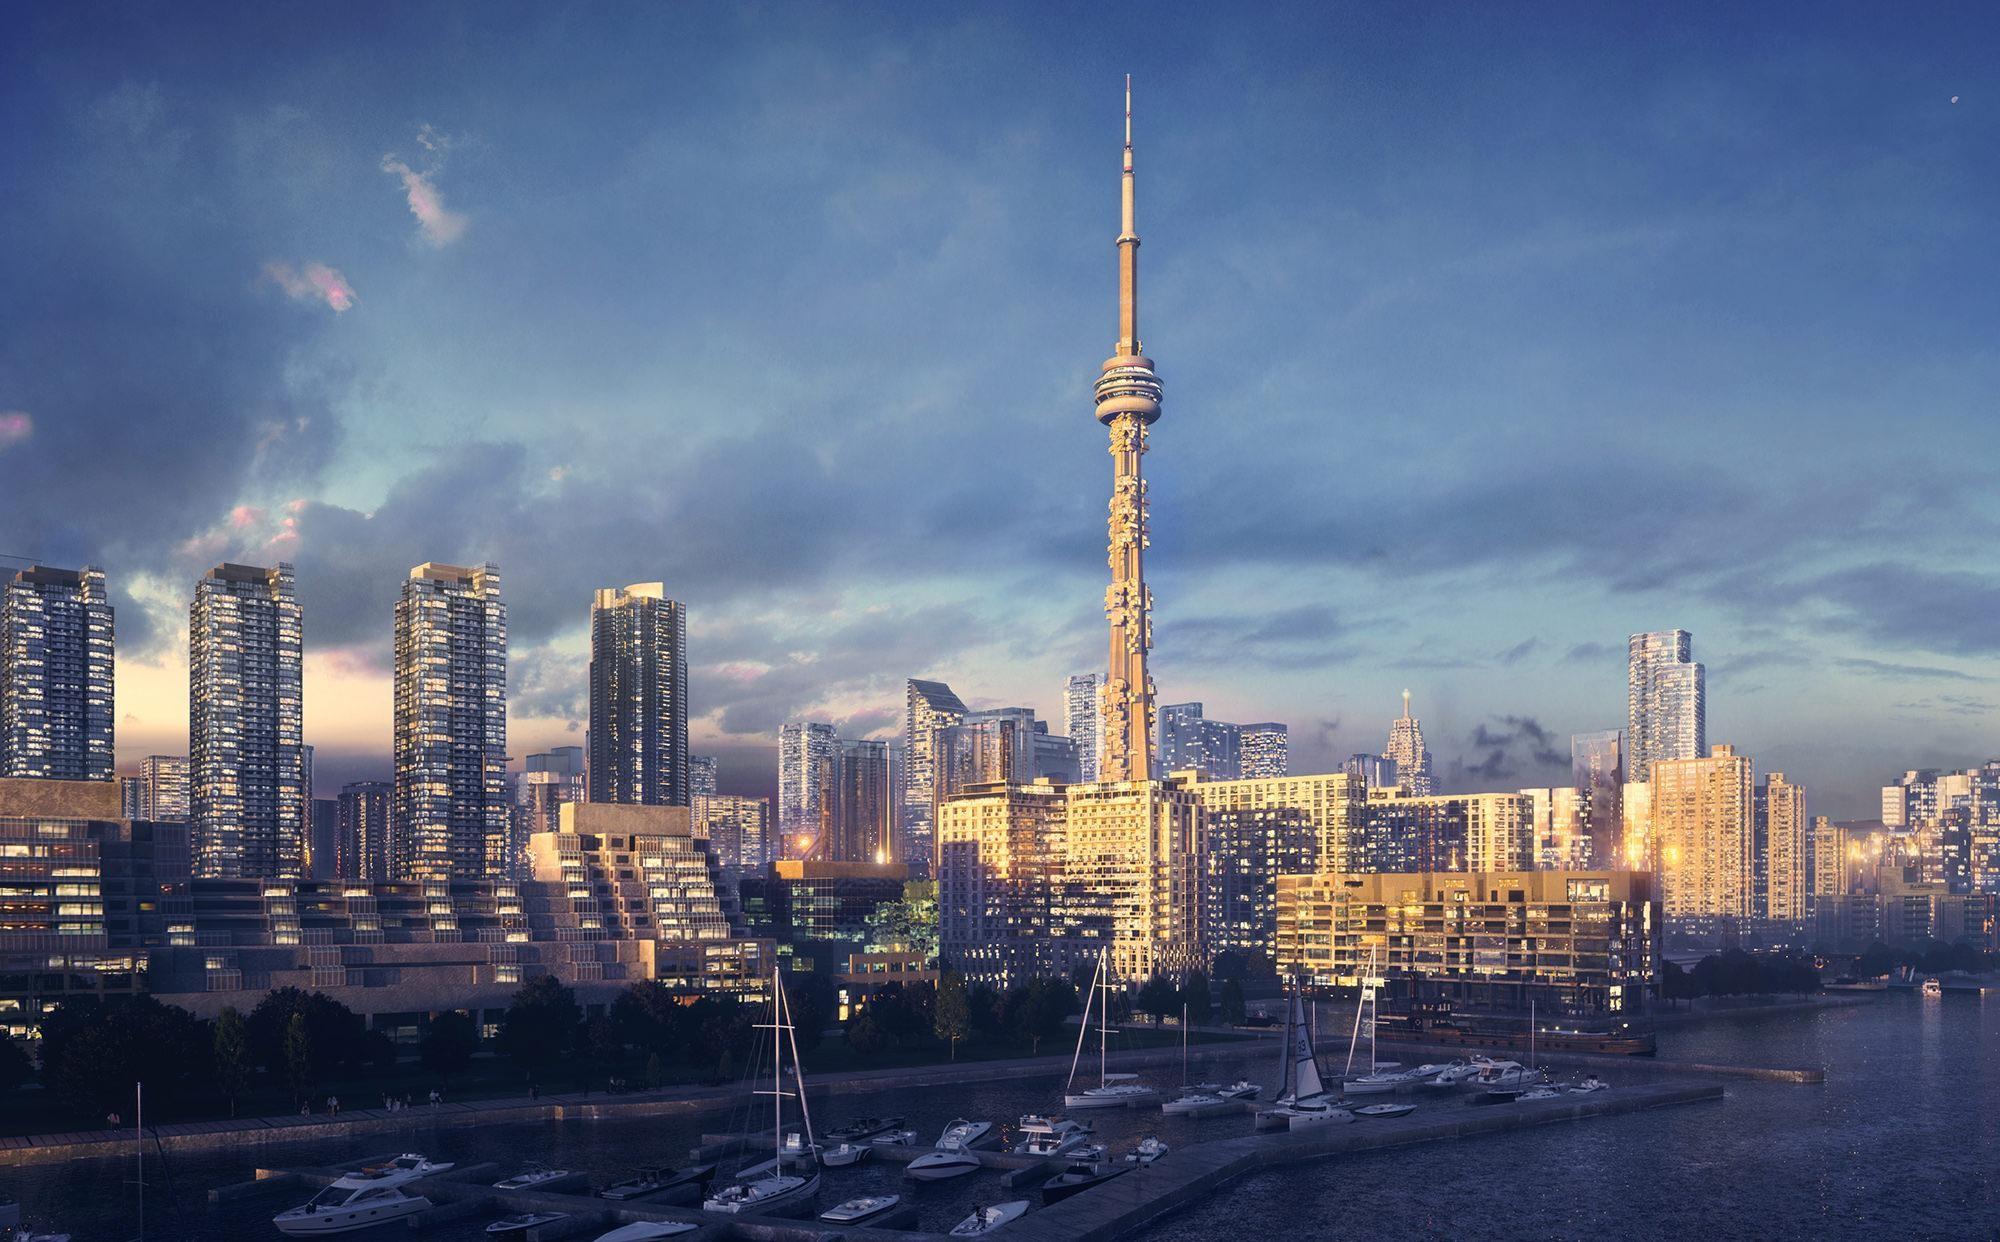 Una futura torre plagada de viviendas en Toronto